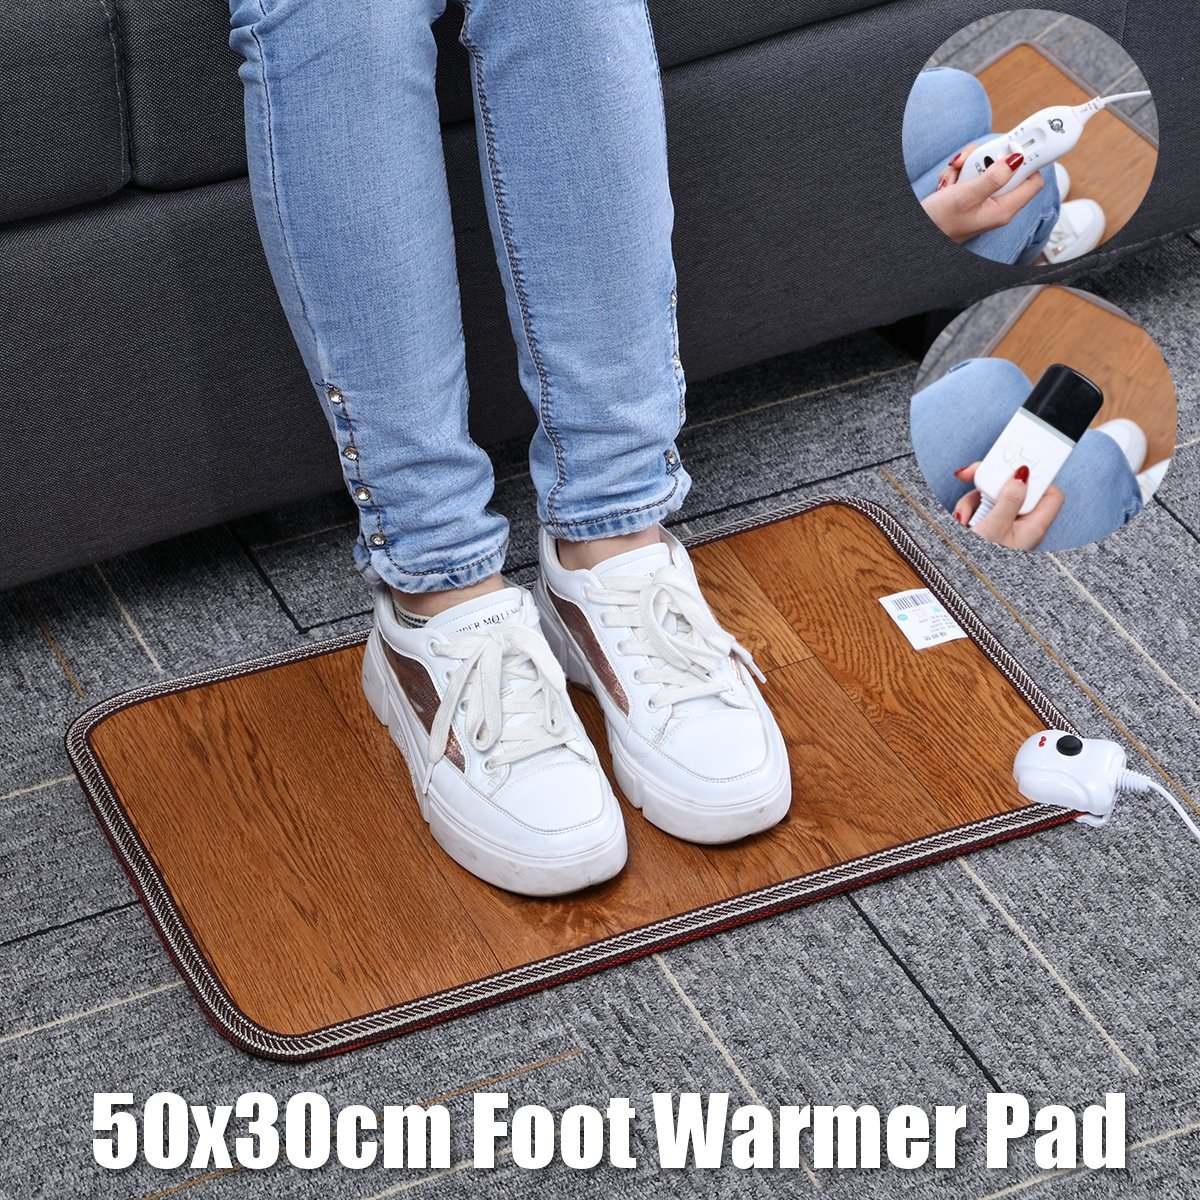 Коврик для ног с 3 рисунками, обогреватель для кожи, электрические нагревательные колодки, водонепроницаемый теплый коврик для ног, термост...